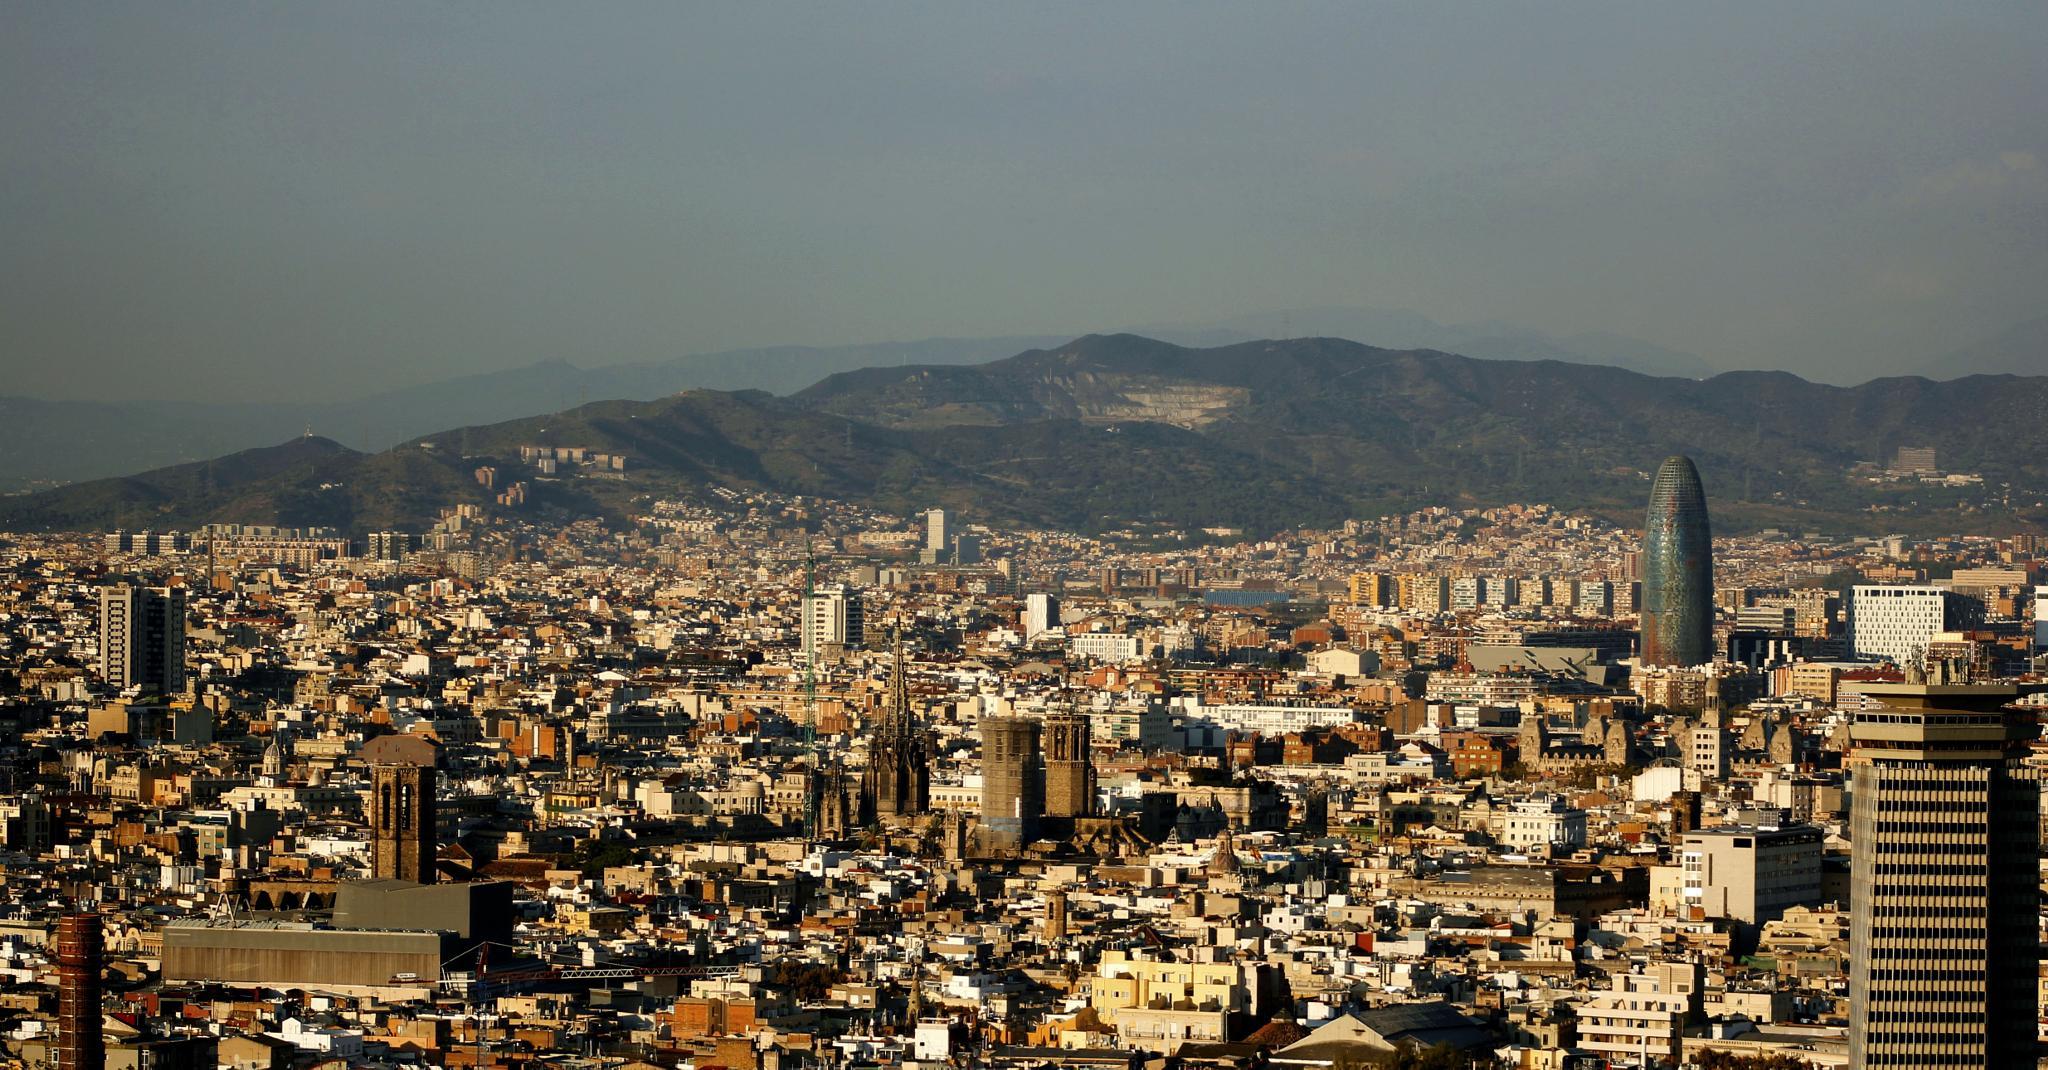 Barcelona by Pablo Zamora